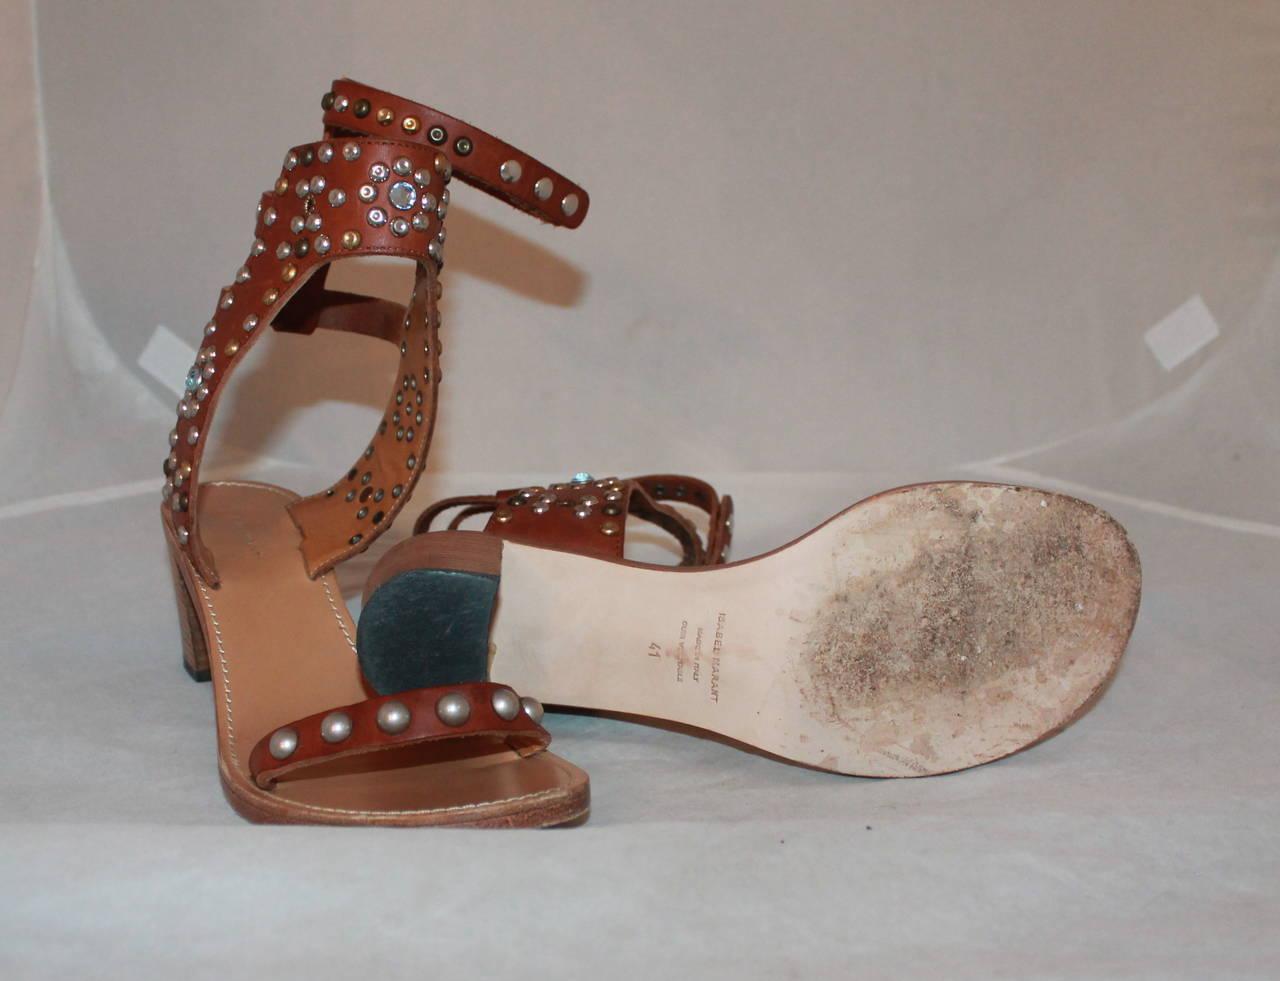 Isabel Marant Leather & Cap Embellished Sandals - 41 3